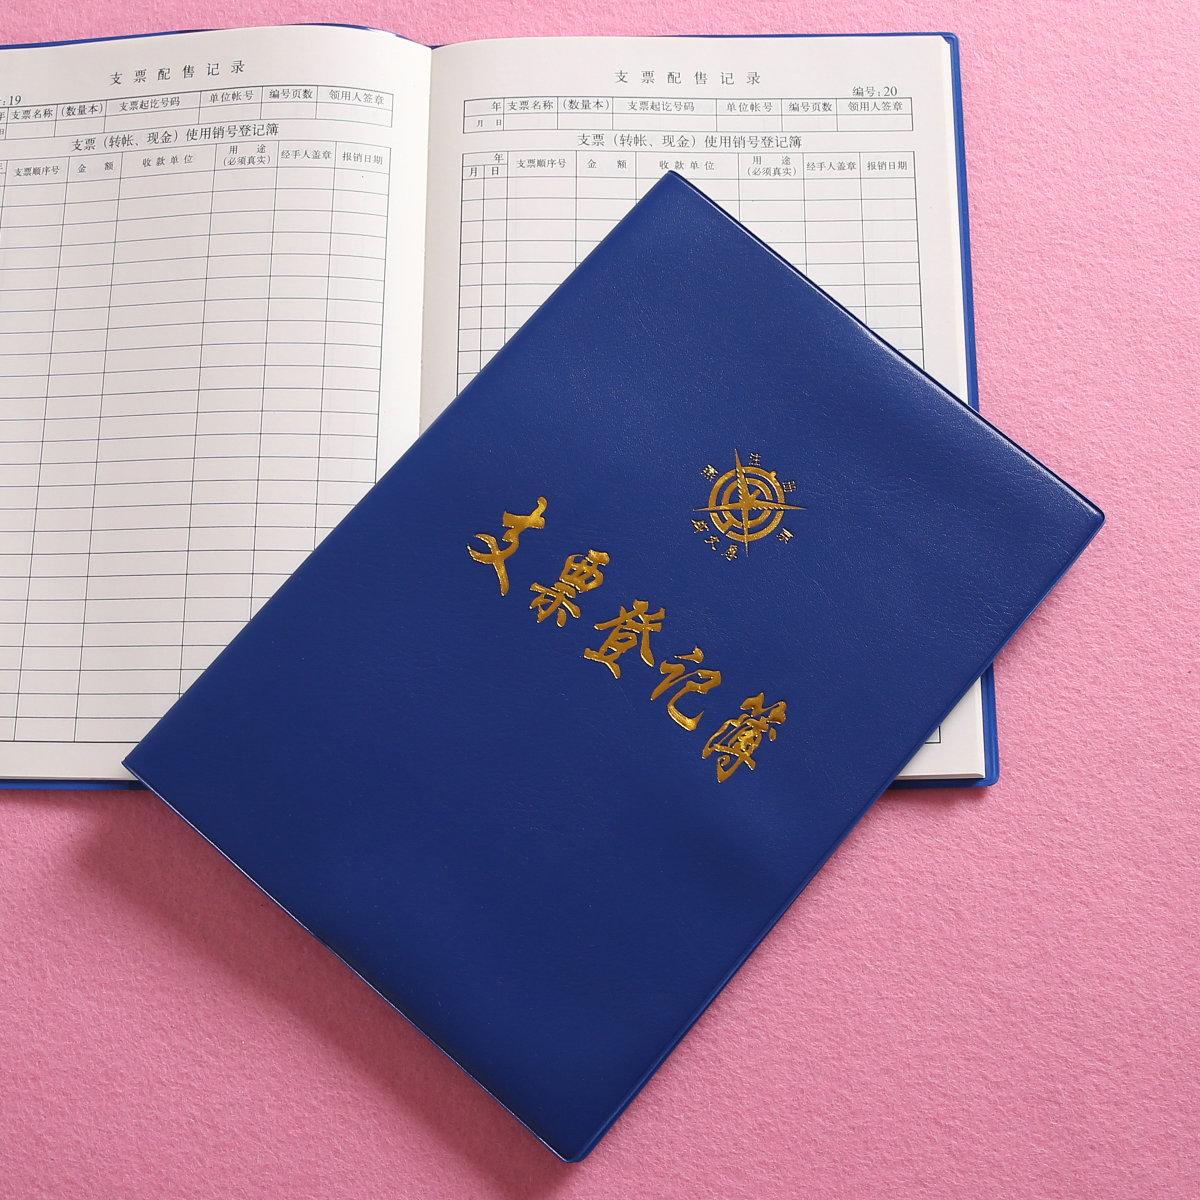 支票登记薄 支票登记簿 支票登记本 支票使用登记本 16K 100页